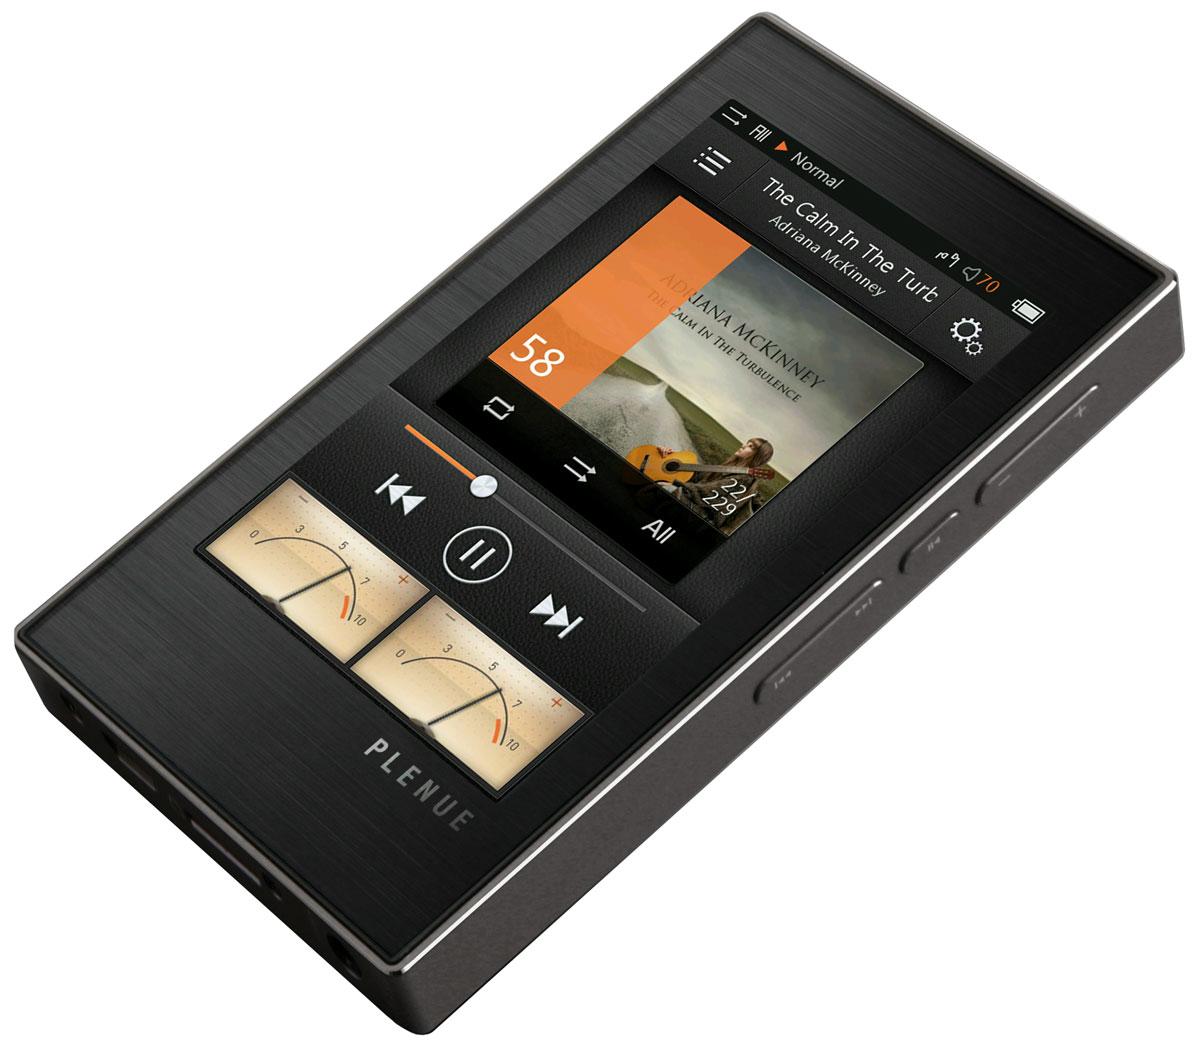 Cowon Plenue M, Titanium Silver Hi-Res плеер15118108Плеер Cowon Plenue M по достоинству оценят все любители музыки. Испытайте истинное наслаждение с первой ноты.Новинка обладает отличными показателями для прослушивания музыки в формате HD: соотношение сигнал/шум – 120 дБ, полное гармоническое искажение + шум – 0.,0007% и выходной сигнал в 2 Vrms. Такие характеристики, в сочетании с высокопроизводительным ЦАПом Burr-Brown PCM 1795 и двухъядерным процессором ARM Cortex Dual-Core, позволяют плееру выдавать невероятно чистый и реалистичный звук.Когда вы слушаете музыку, акустический сигнал подхватывает неизбежные шумы, что приводит к искажениям оригинального сигнала. Соотношение этих сигналов измеряется числовым значением SNR (сигнал / шум). SNR сравнивает уровень полезного сигнала к уровню фонового шума и является одним из ключевых критериев измерения качества воспроизводимого звука. Для того чтобы в полной мере наслаждаться HD-звучанием, устройства должны иметь отличные показатели сигнал/шум. Плохой показатель SNR или THD означает, что устройство будет воспроизводить 24 бит так же, как и 16 бит. Благодаря многочисленным исследованиям Cowon были достигнуты наилучшие показатели SNR и THD. Получайте максимум удовольствия от прослушивания HD-музыки.Уникальный ЦАП Burr-Brown PCM1795 используется в премиальных продуктах и воспроизводит звук наивысшего качества. Это один лучших в мире высокопроизводительный ЦАП, он полностью поддерживает формат DSD и разрешение 24 бит/192 кГц.Практически в любых колонках и наушниках, как правило, происходят задержки высоких частот по сравнению с низкочастотным диапазоном. JetEffect 7 и BBE+ корректируют и компенсируют все искажения, благодаря чему достигается максимально чистое звучание. JetEffect 7 – это 10-полосный эквалайзер и EQ-фильтр, позволяющие пользователям регулировать частотные полосы в зависимости от предпочтений. Наслаждайтесь оптимальным качеством звука при любых обстоятельствах.Cowon Plenue M поддерживает функцию USB ЦАП, при 